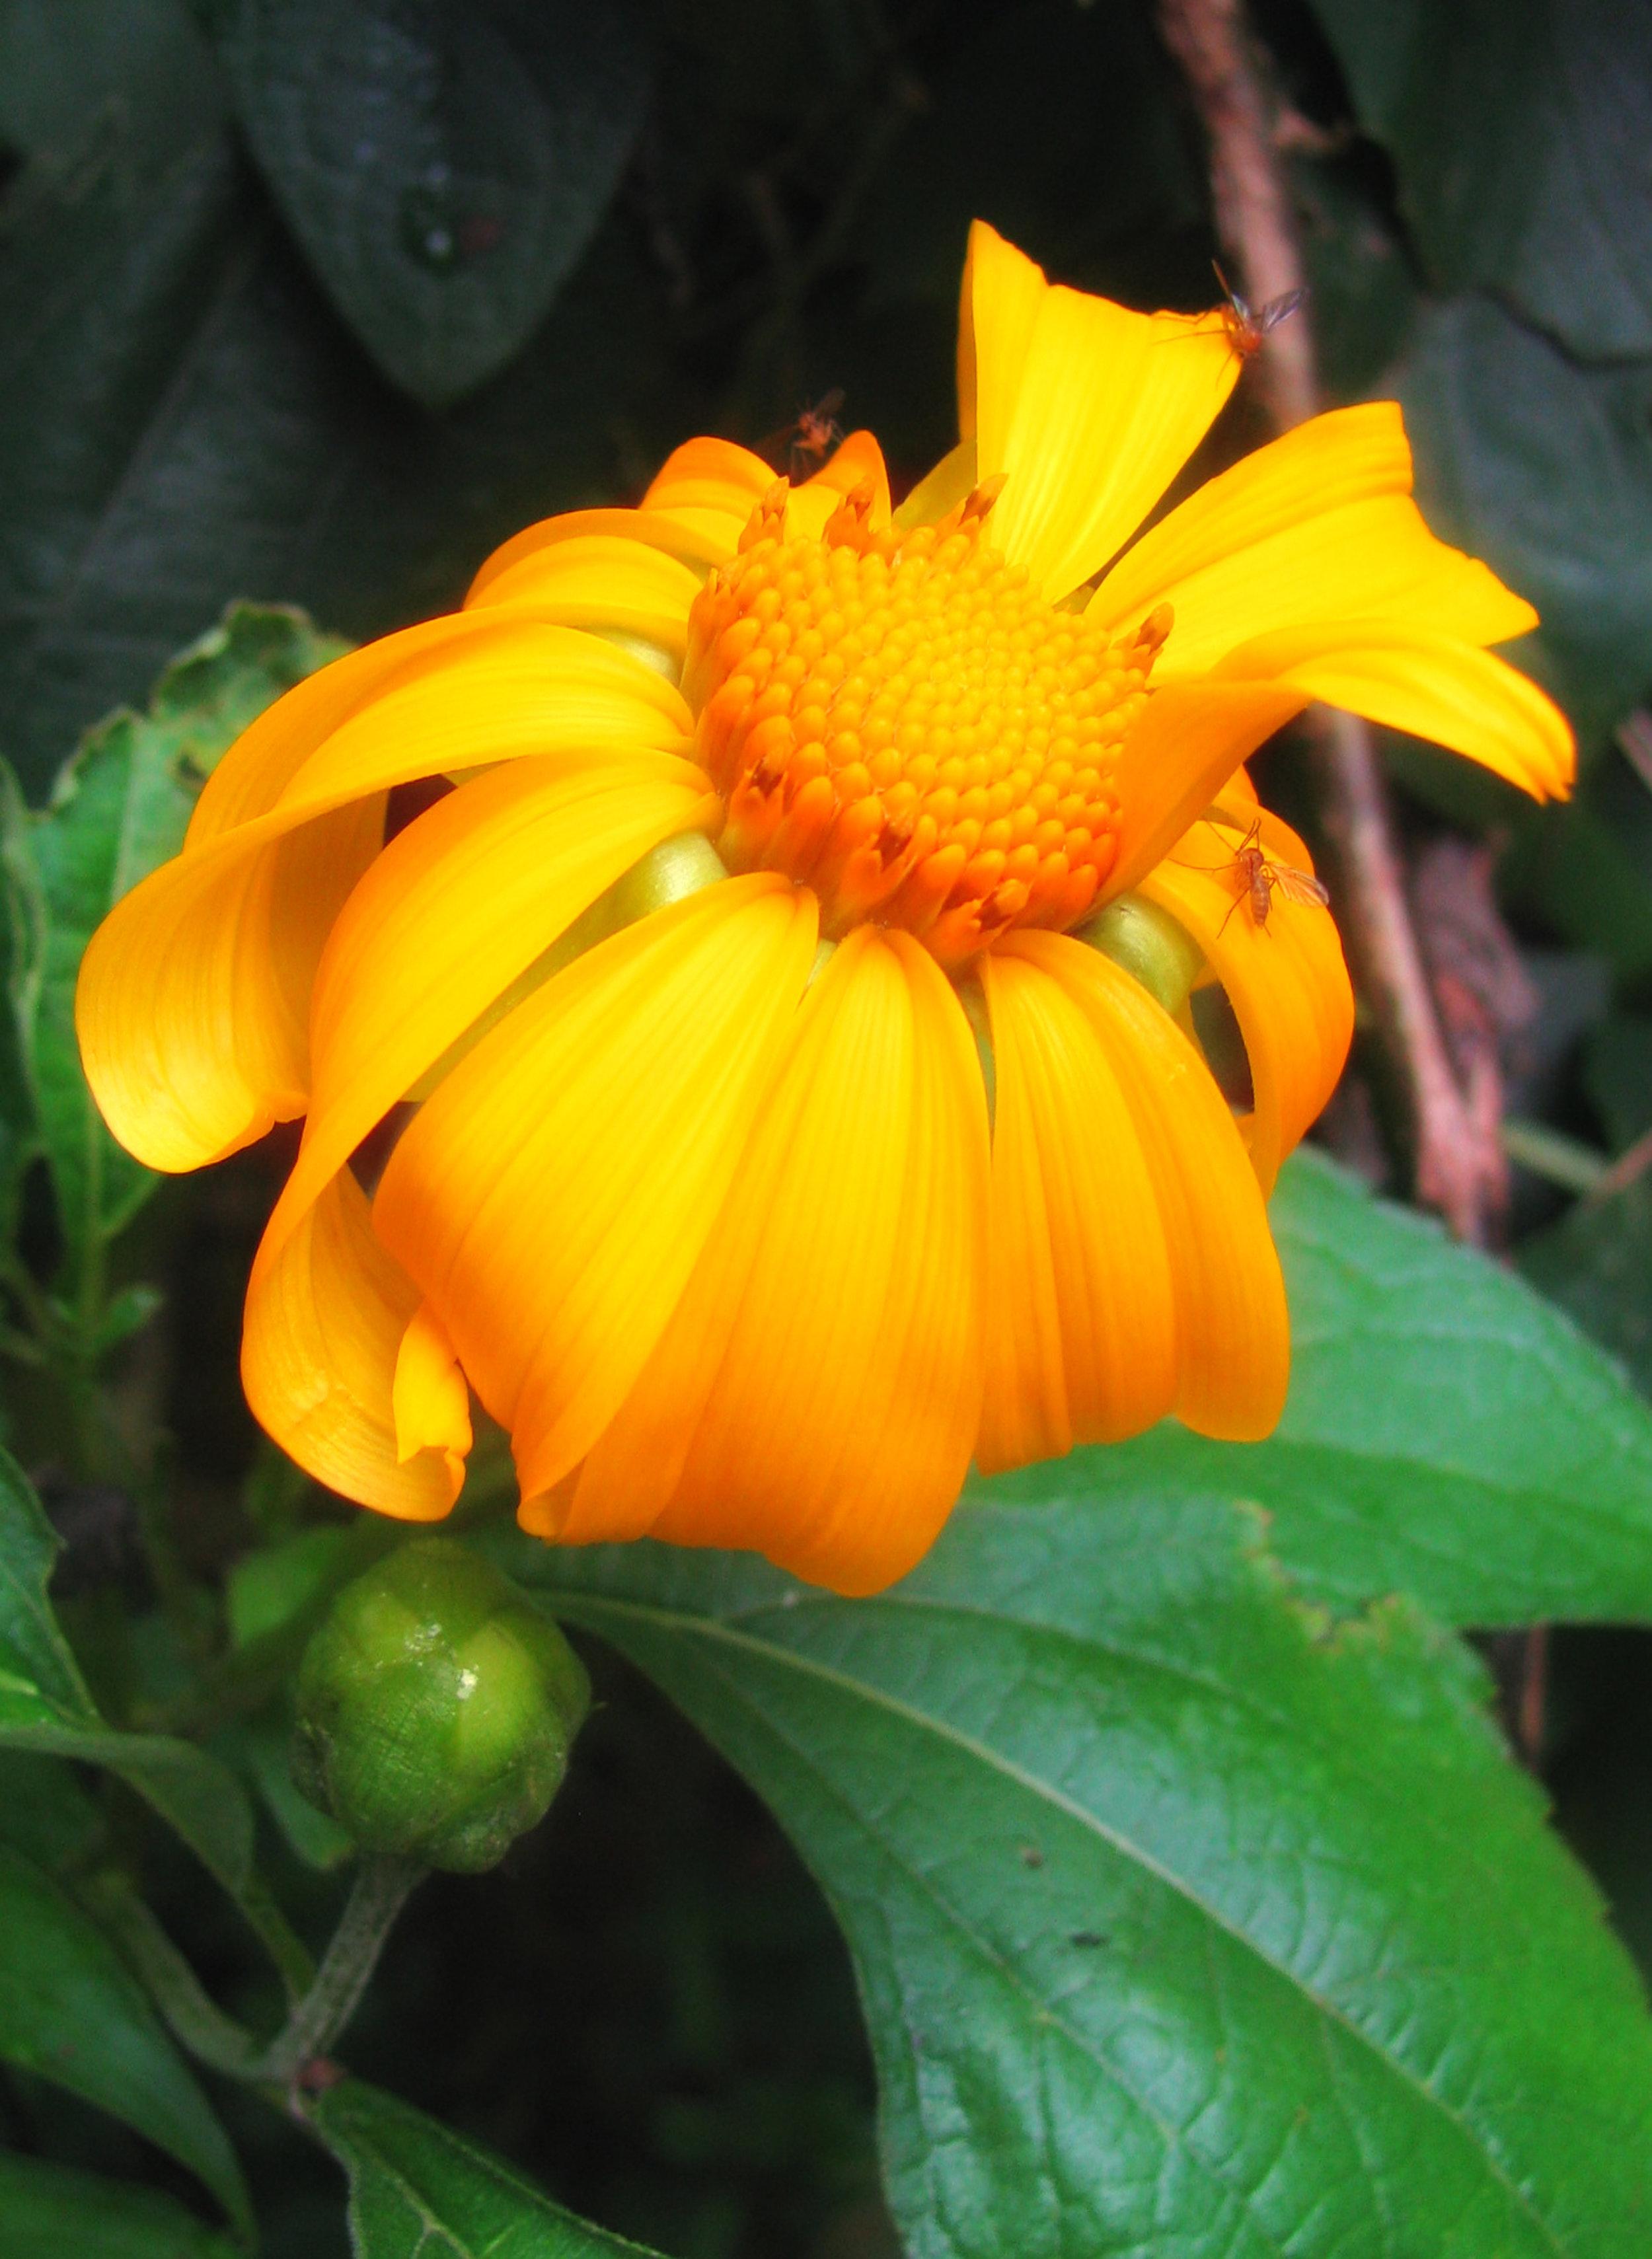 300 dpi golden flower.jpg